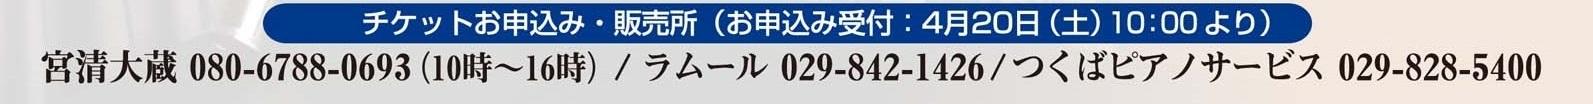 つくばフルートコンクール優勝記念コンサート開催!_b0124462_12511749.jpg